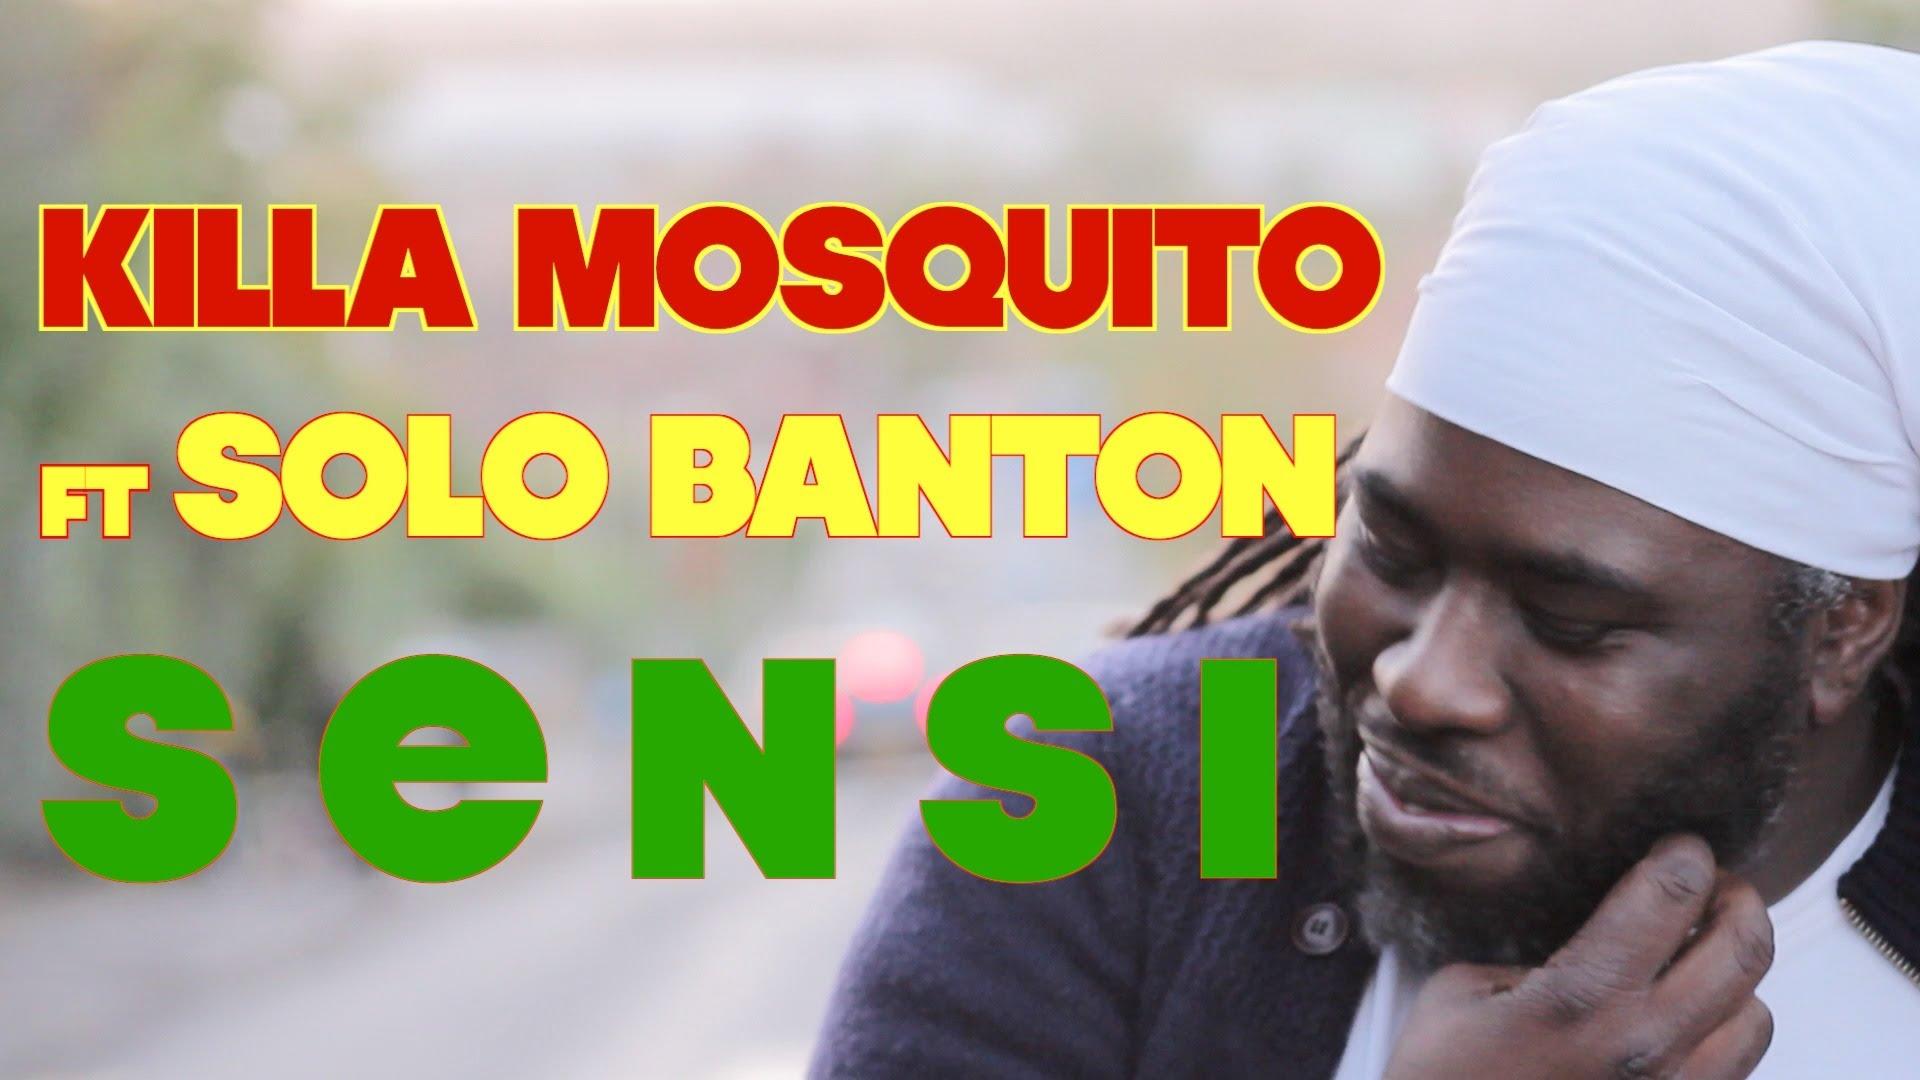 Killa Mosquito feat. Solo Banton - Sensi [11/26/2013]